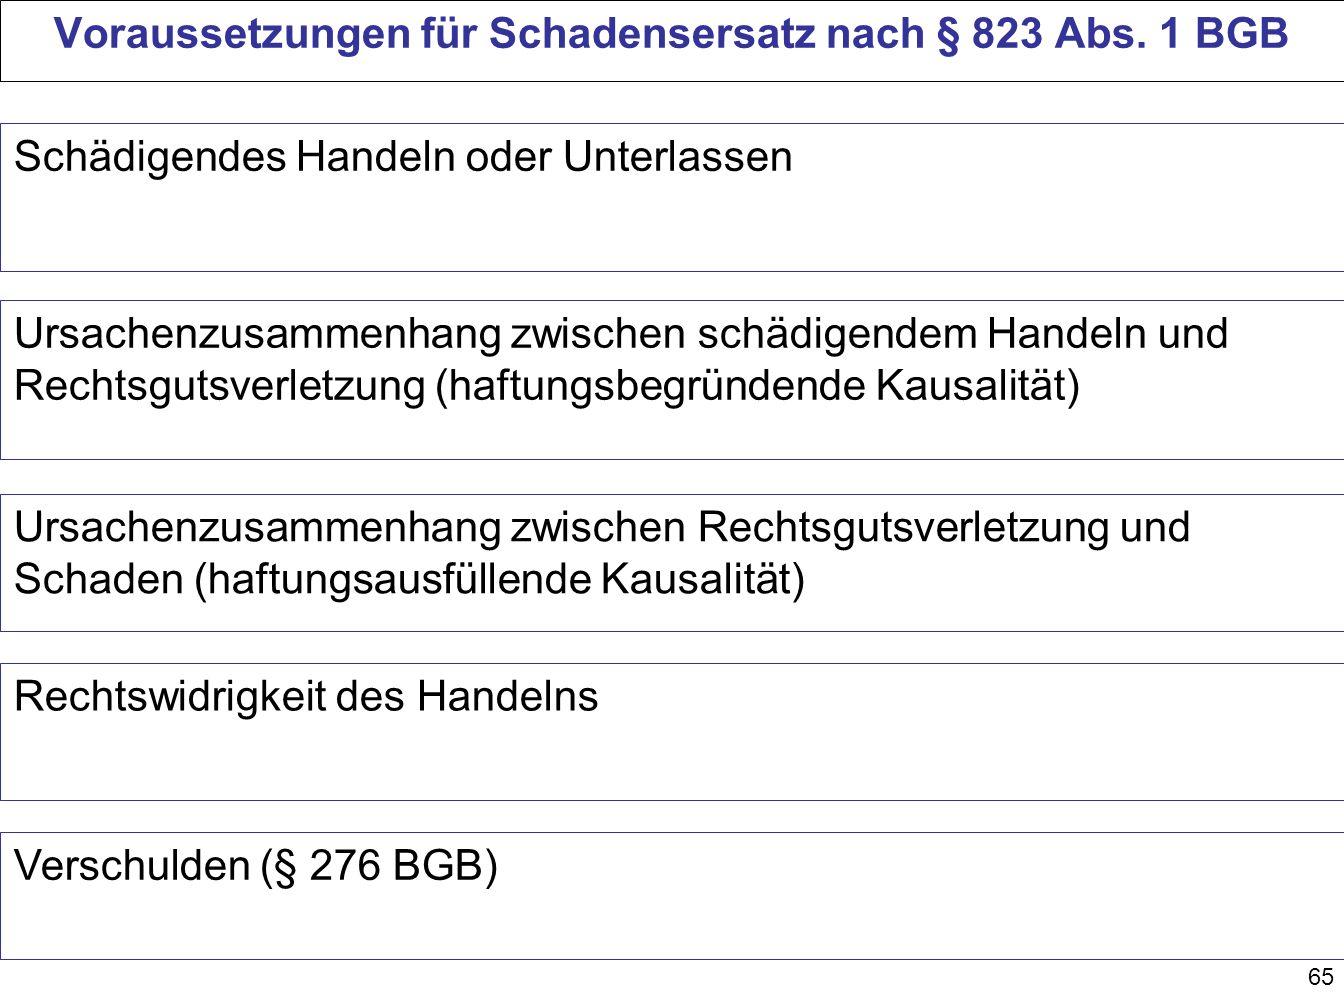 65 Voraussetzungen für Schadensersatz nach § 823 Abs. 1 BGB Schädigendes Handeln oder Unterlassen Ursachenzusammenhang zwischen schädigendem Handeln u